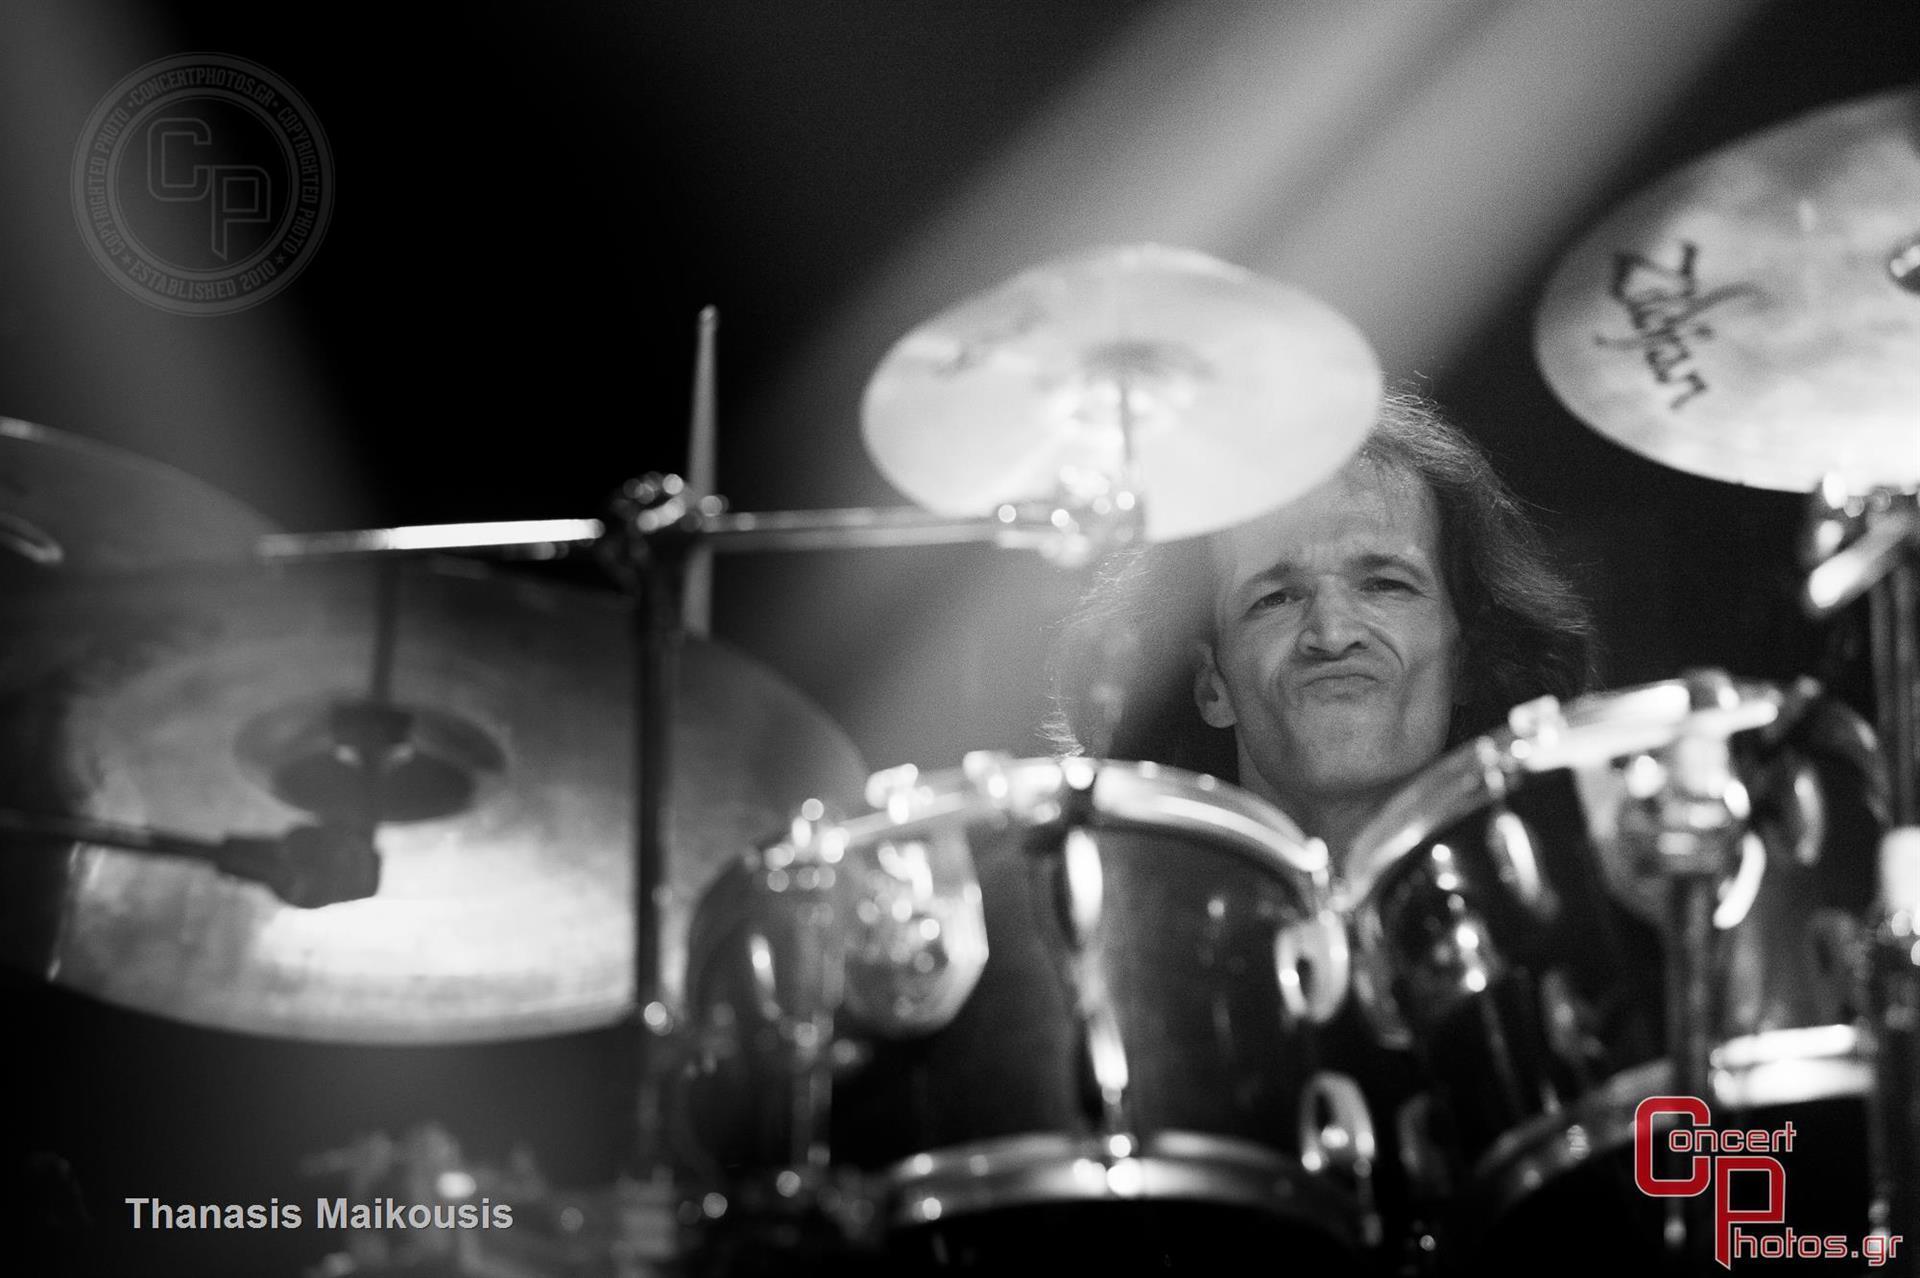 Kovacs Moka Band Angelika Dusk Greeklish Babylon-Kovacs Moka Band Angelika Dusk Greeklish Babylon photographer: Thanasis Maikousis - ConcertPhotos - 20150424_2124_13